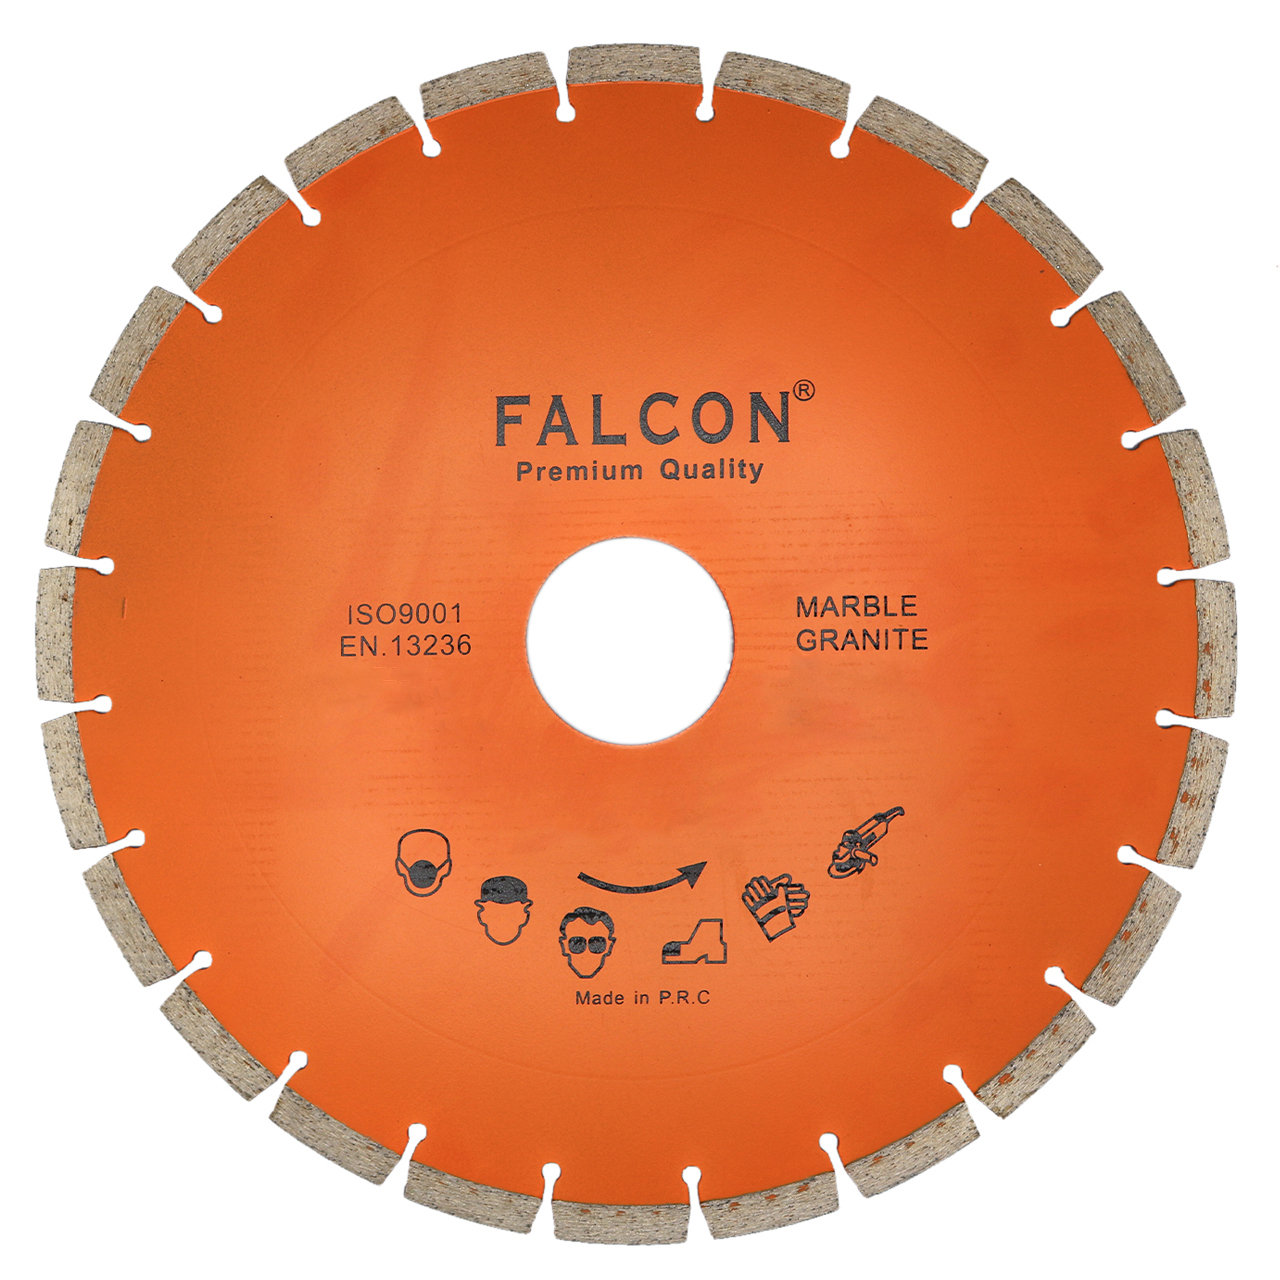 صفحه برش گرانیت فالکون مدل FL600